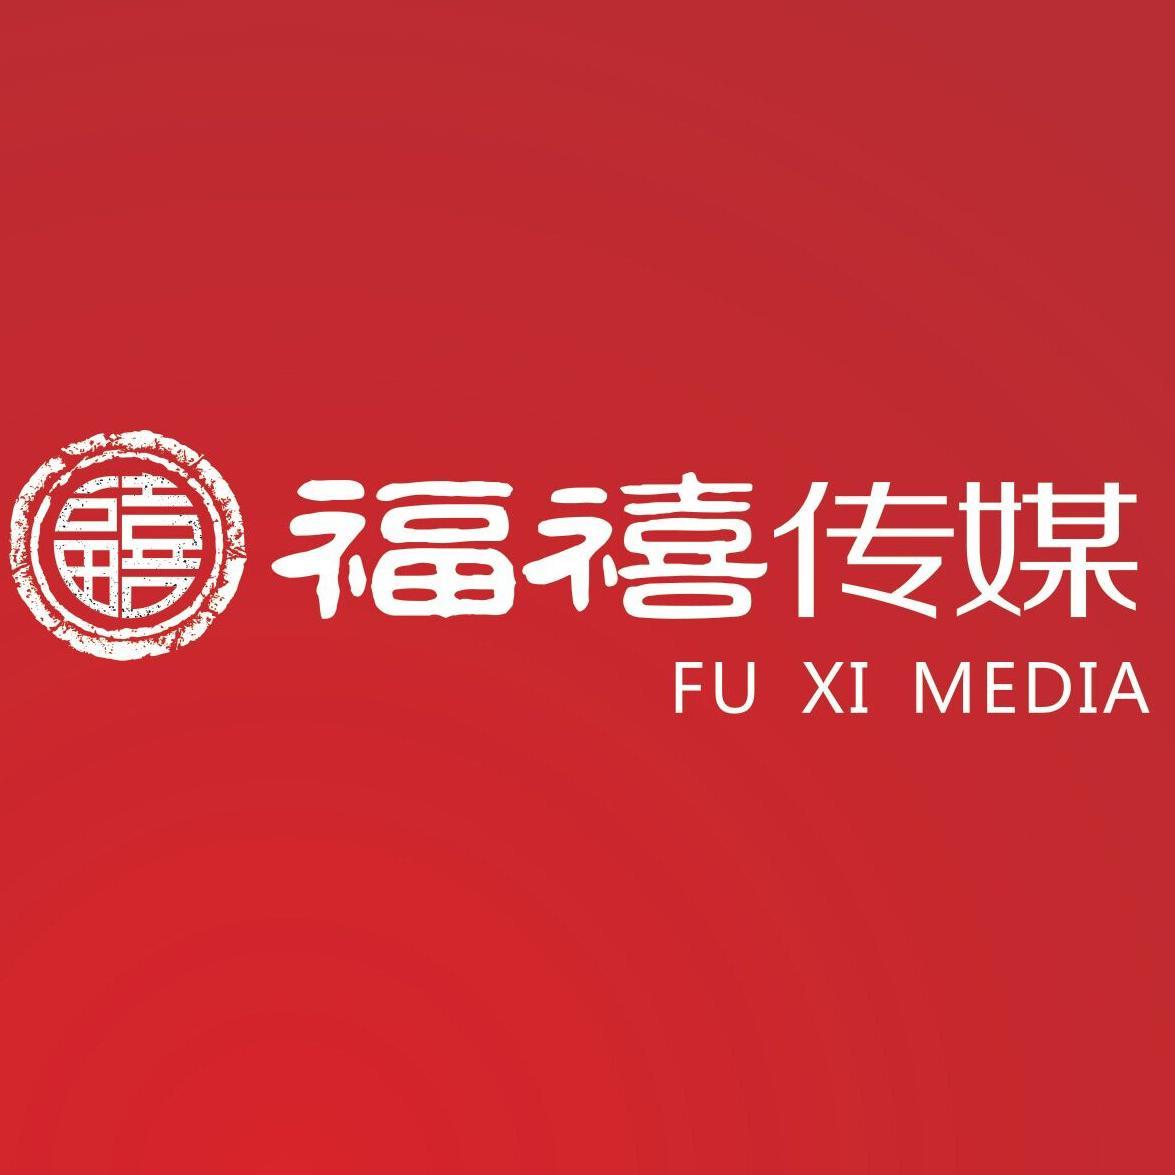 桂林市福禧文化传播有限公司销售代表